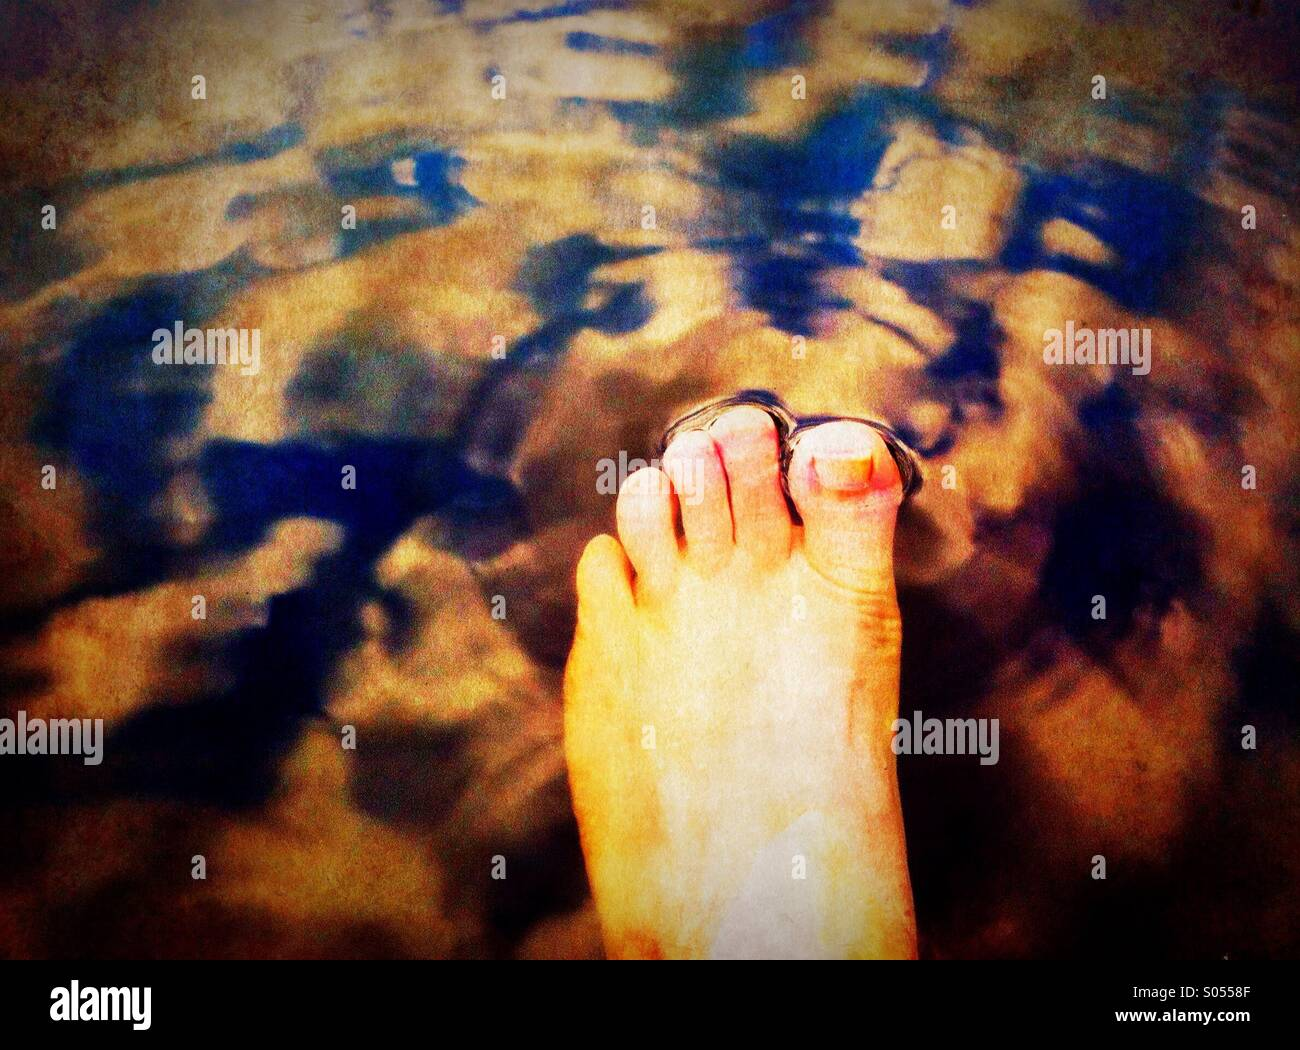 Fuß zu einem See eintauchen Stockbild